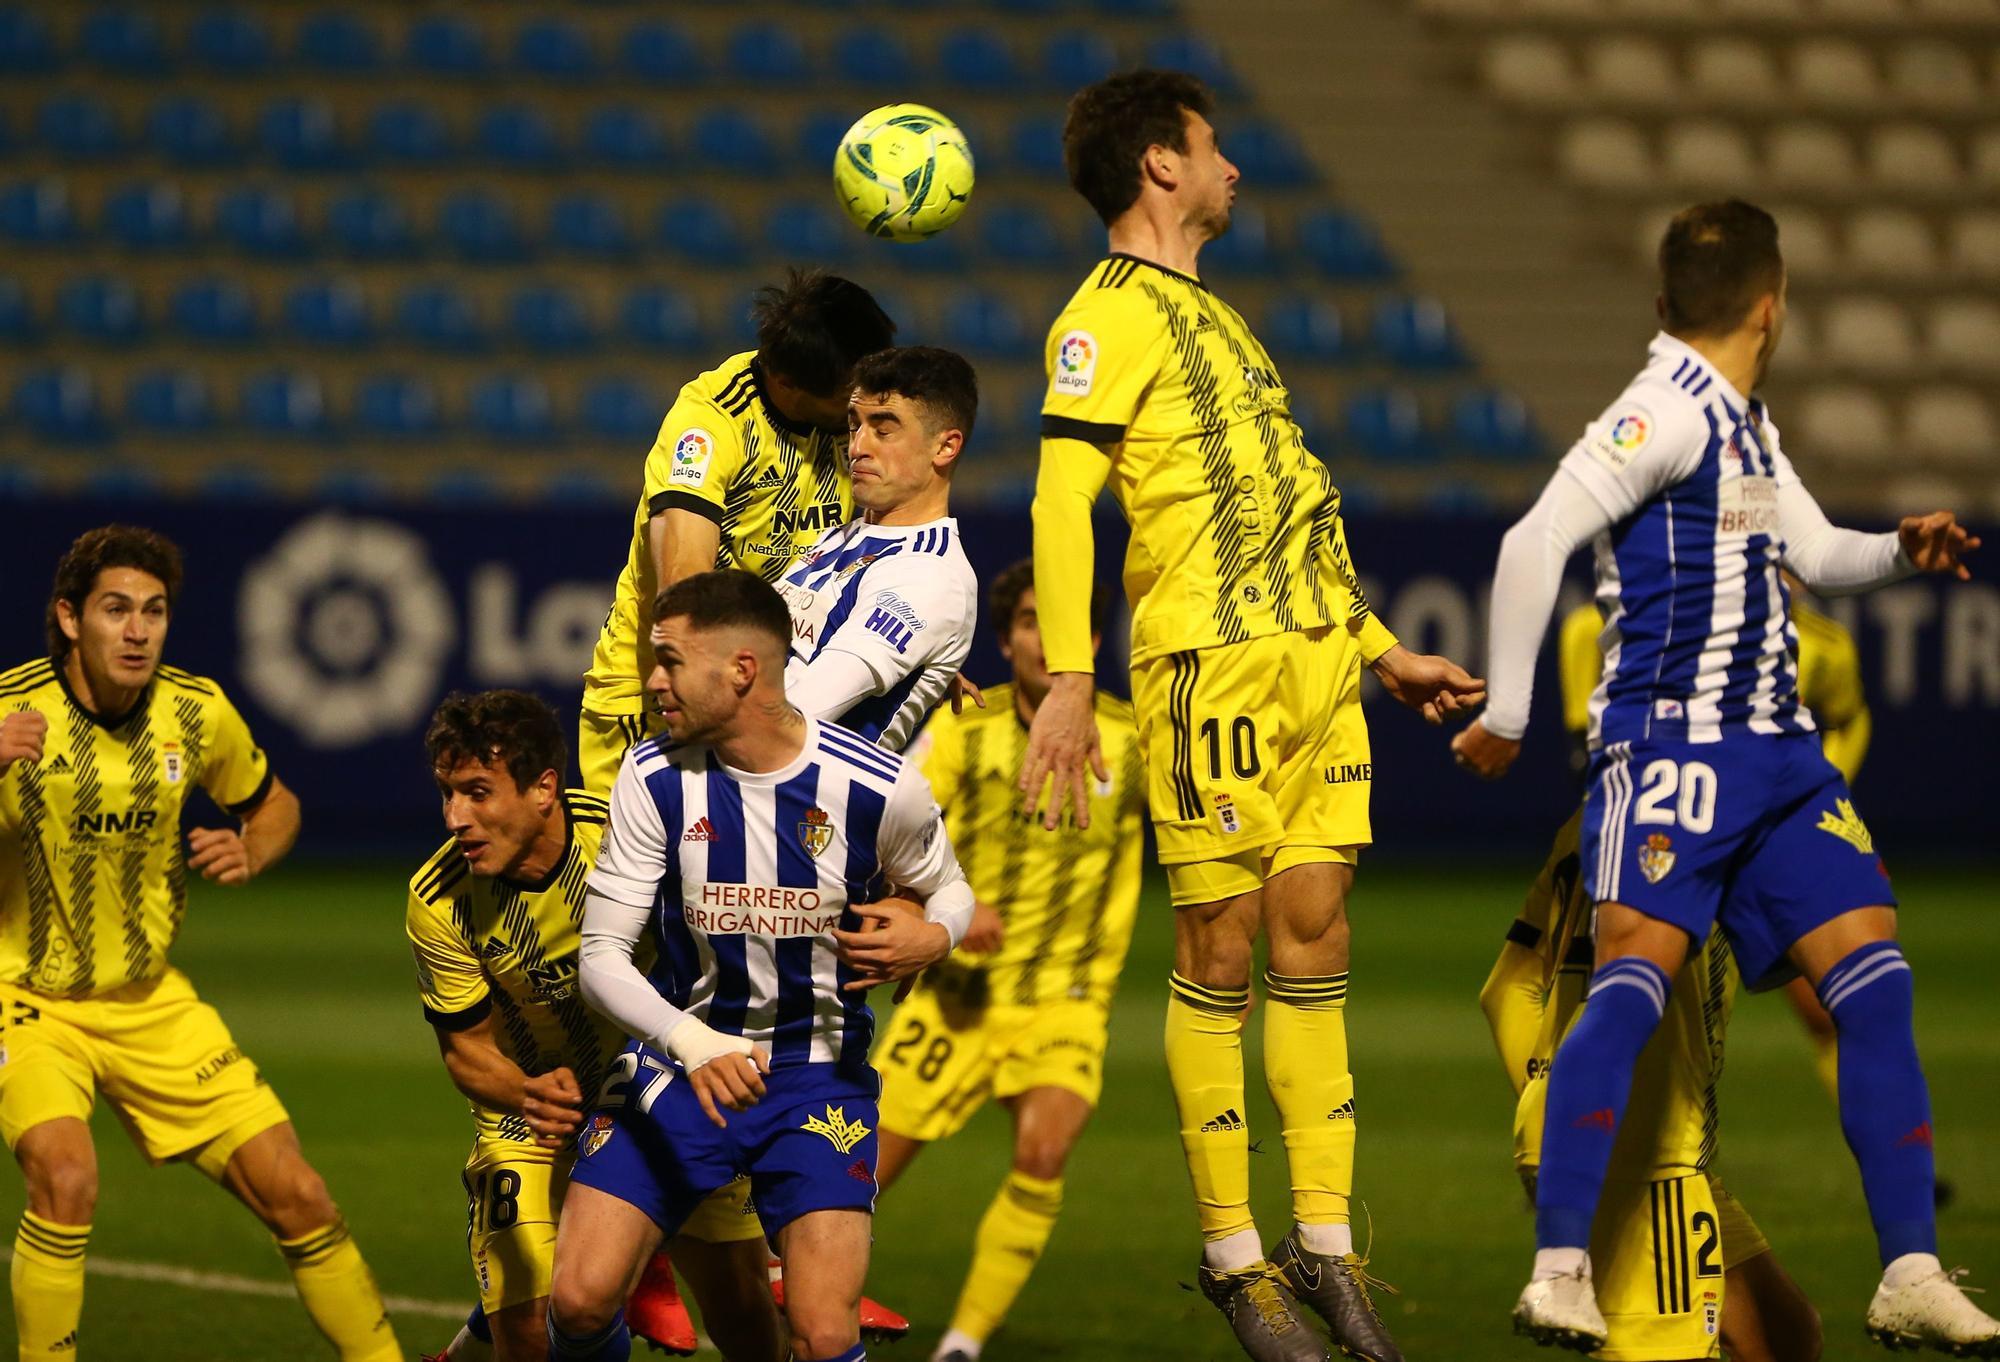 Las imágenes del Ponferradina-Oviedo